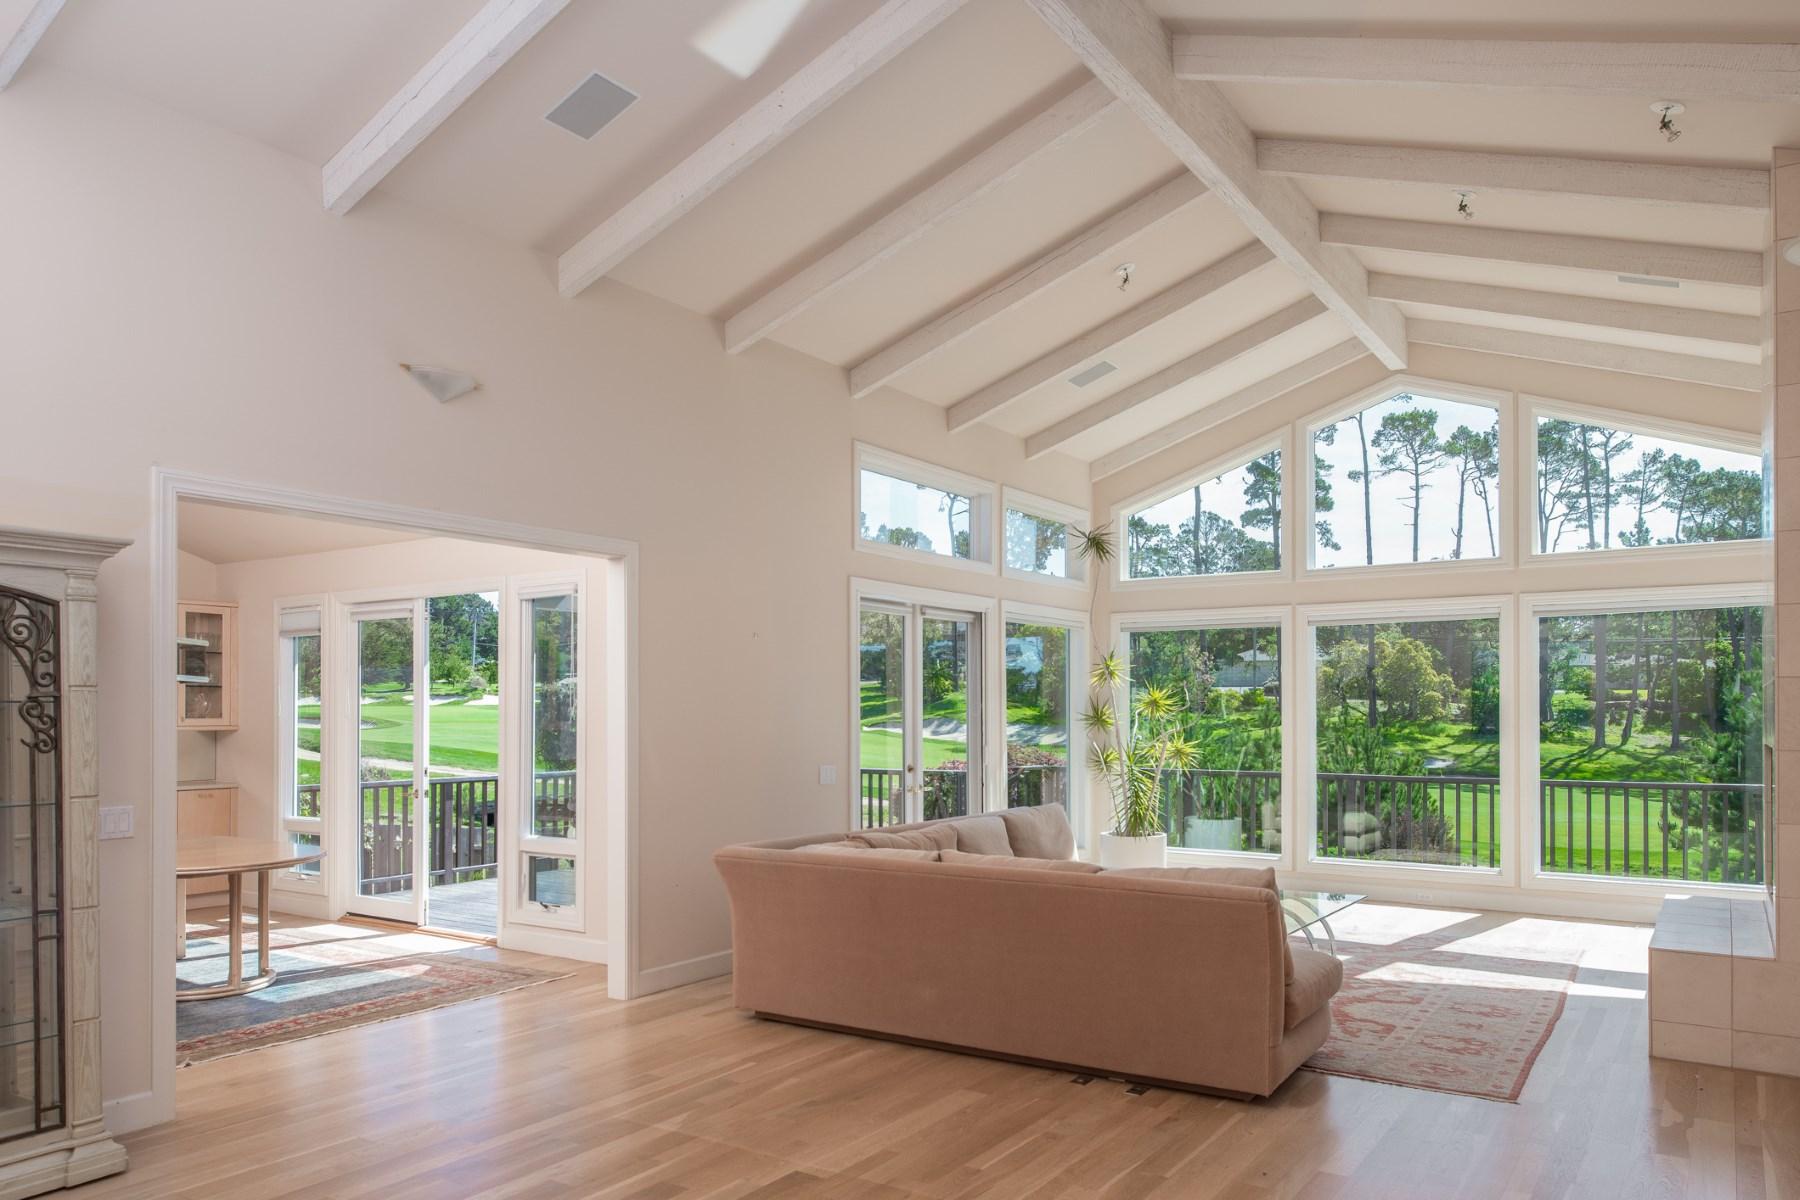 独户住宅 为 销售 在 Country Club Golfer's Oasis 1072 San Carlos Road 卵石滩, 加利福尼亚州, 93953 美国